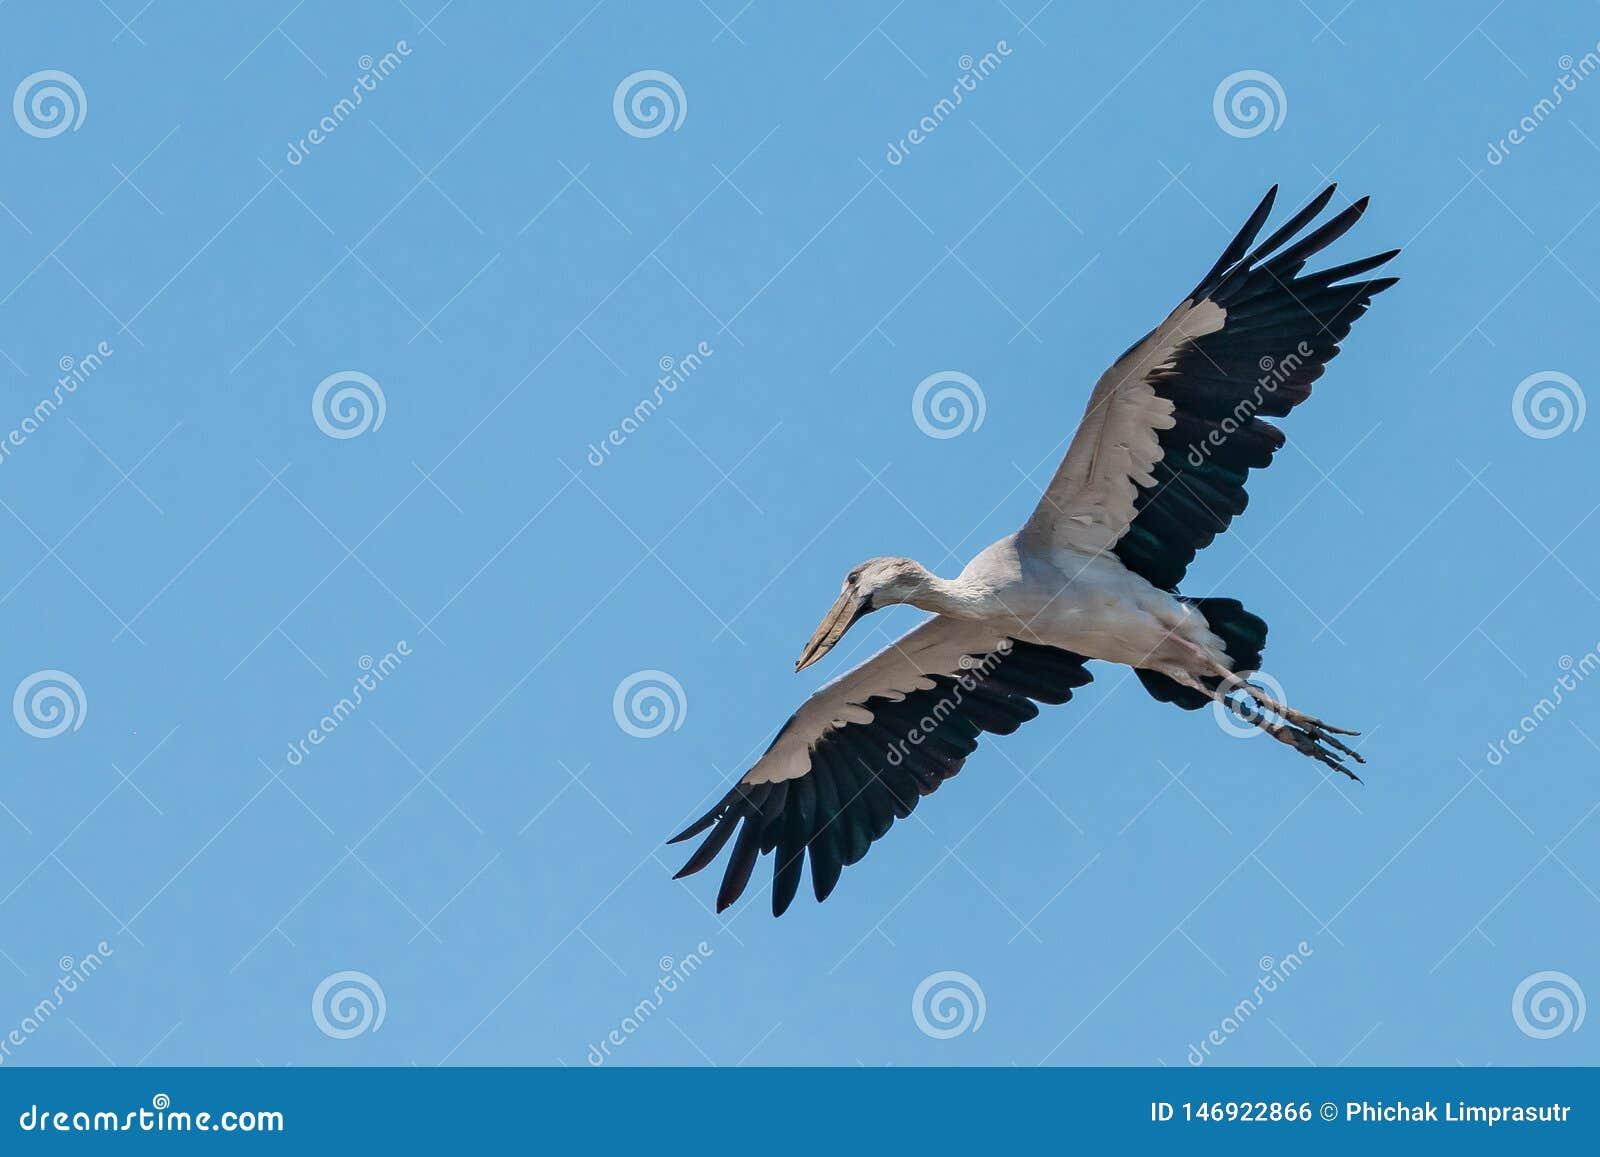 Ασιατικός πελαργός openbill που πετά με τα φτερά που διαδίδονται ευρέως με το σαφή μπλε ουρανό ως υπόβαθρο